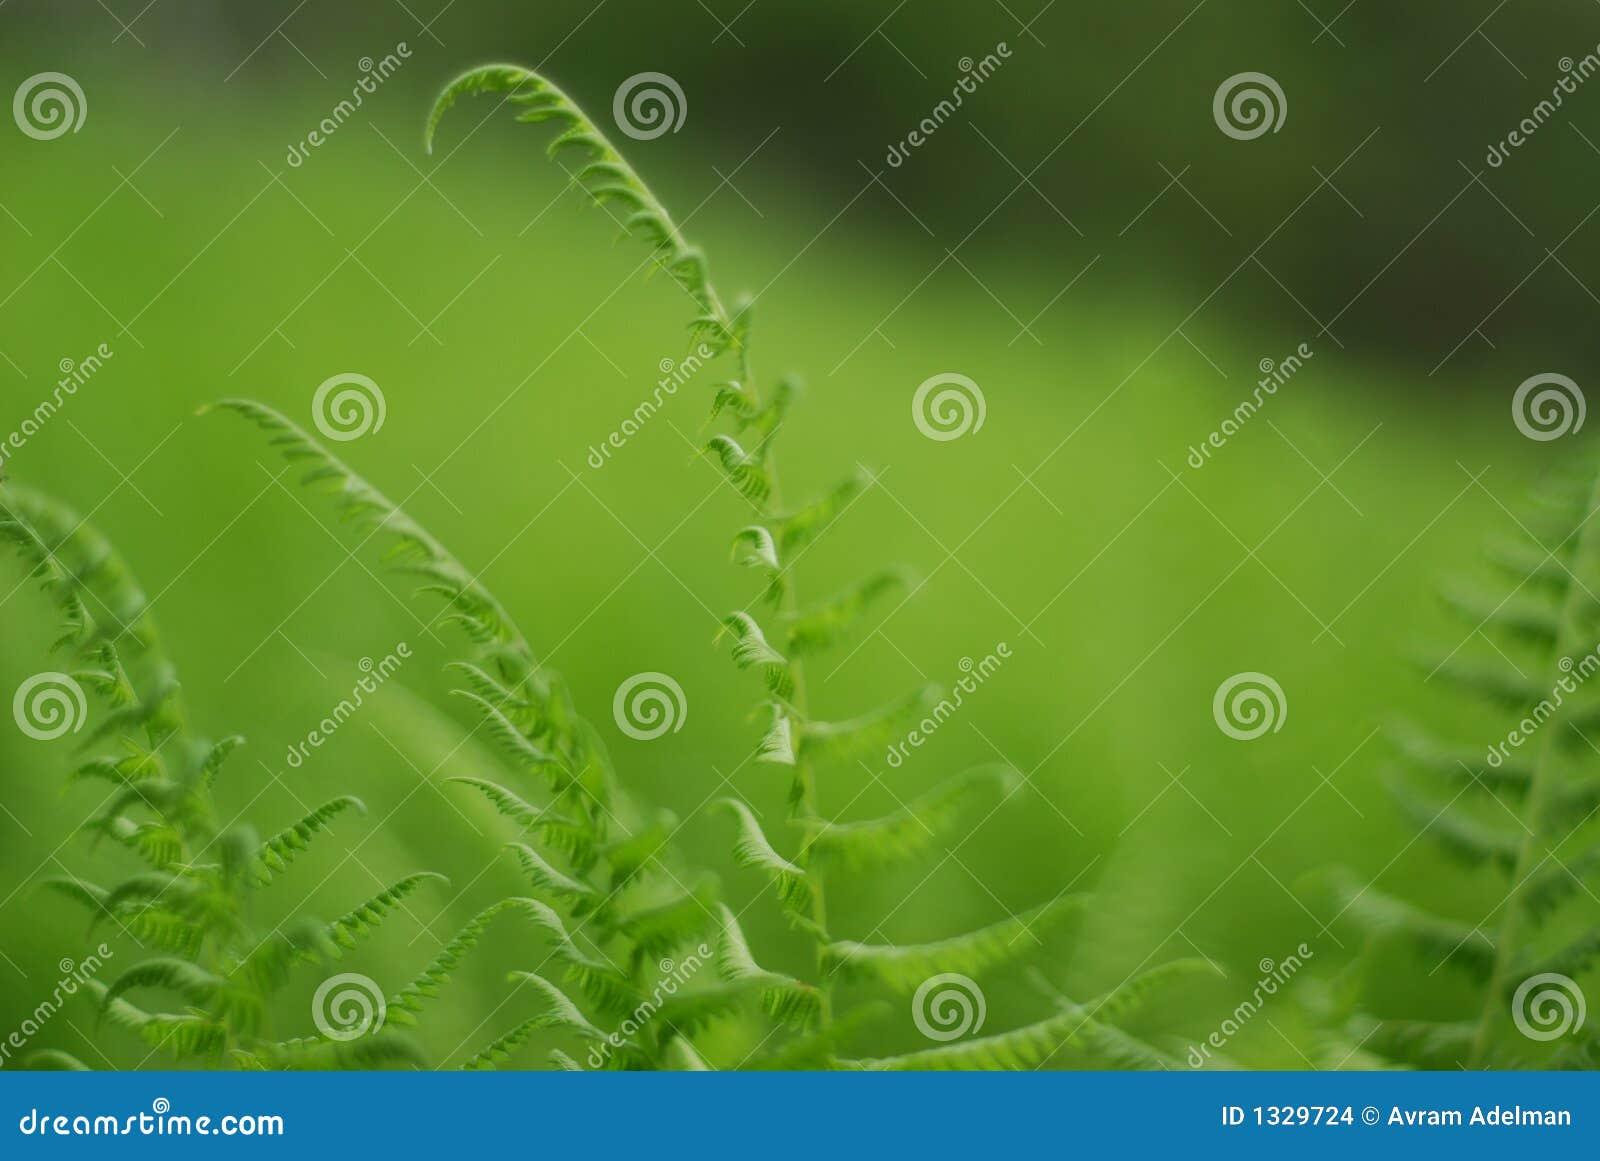 Grün in einem Meer des Grüns